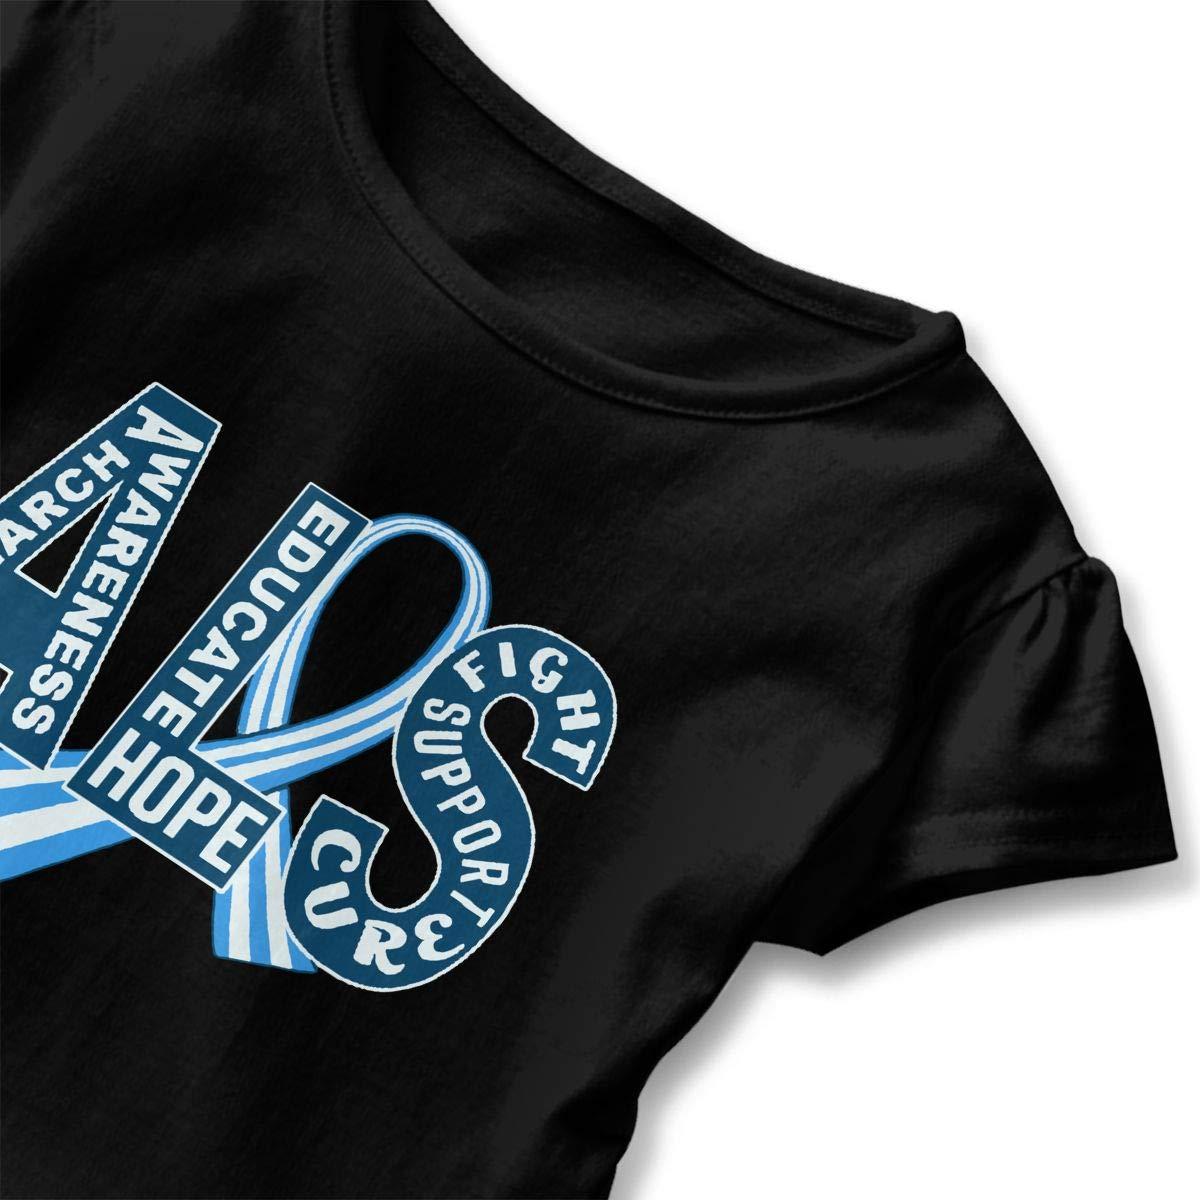 SHIRT1-KIDS ALS Awareness Ribbon Childrens Girls Short Sleeve T Shirts Ruffles Shirt Tee for 2-6T